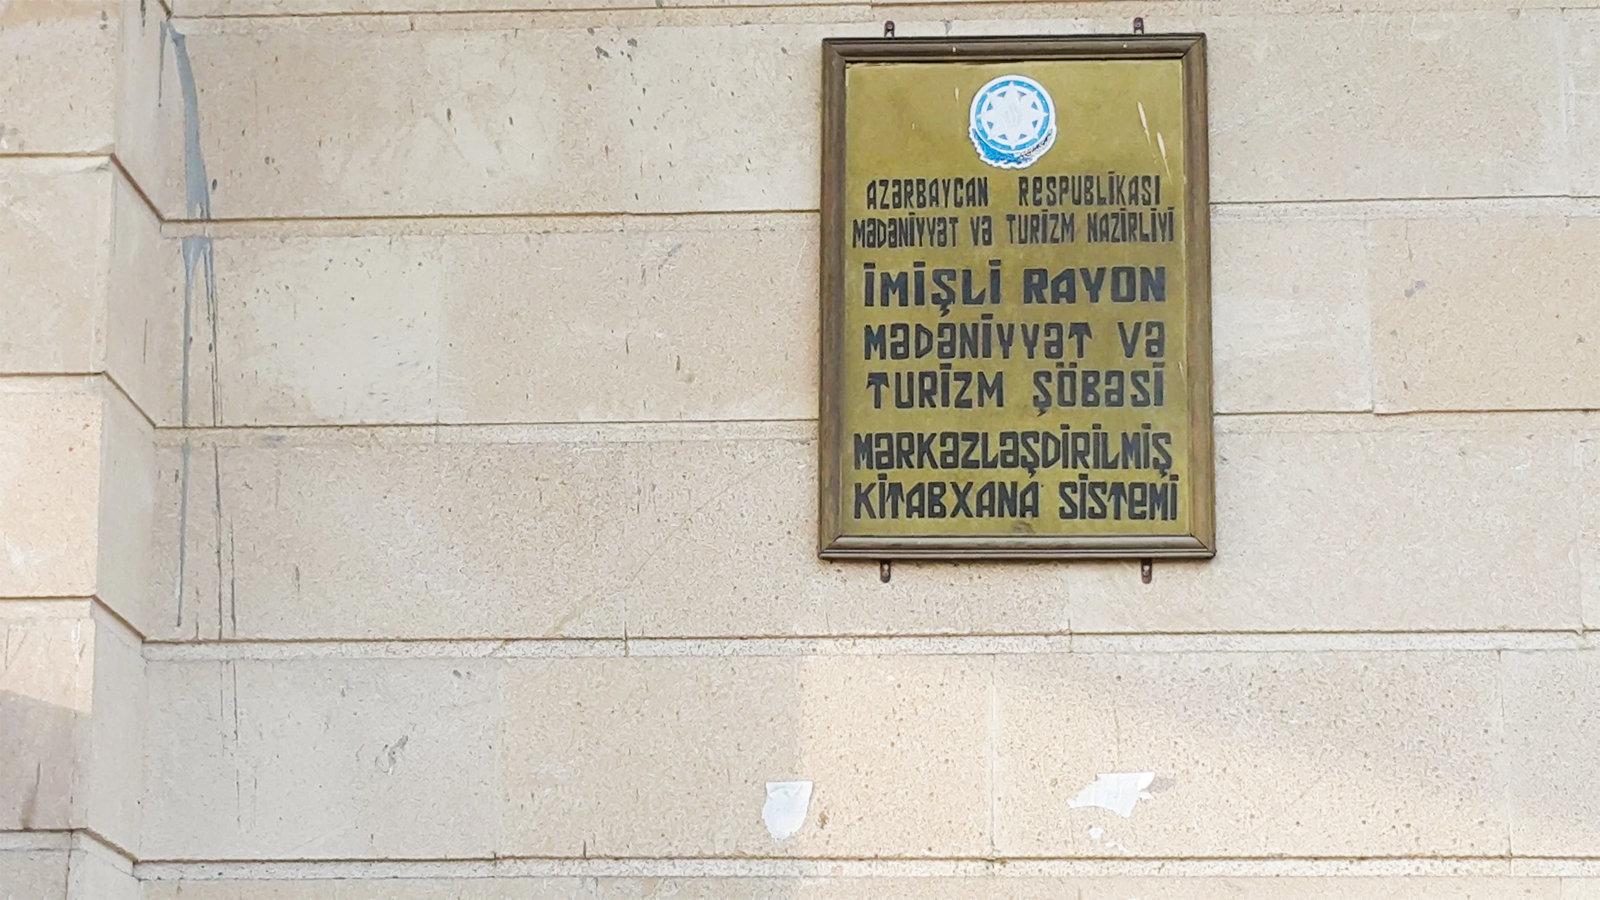 İmişli Rayon Mərkəzləşdirilmiş Kitabxana Sistemi